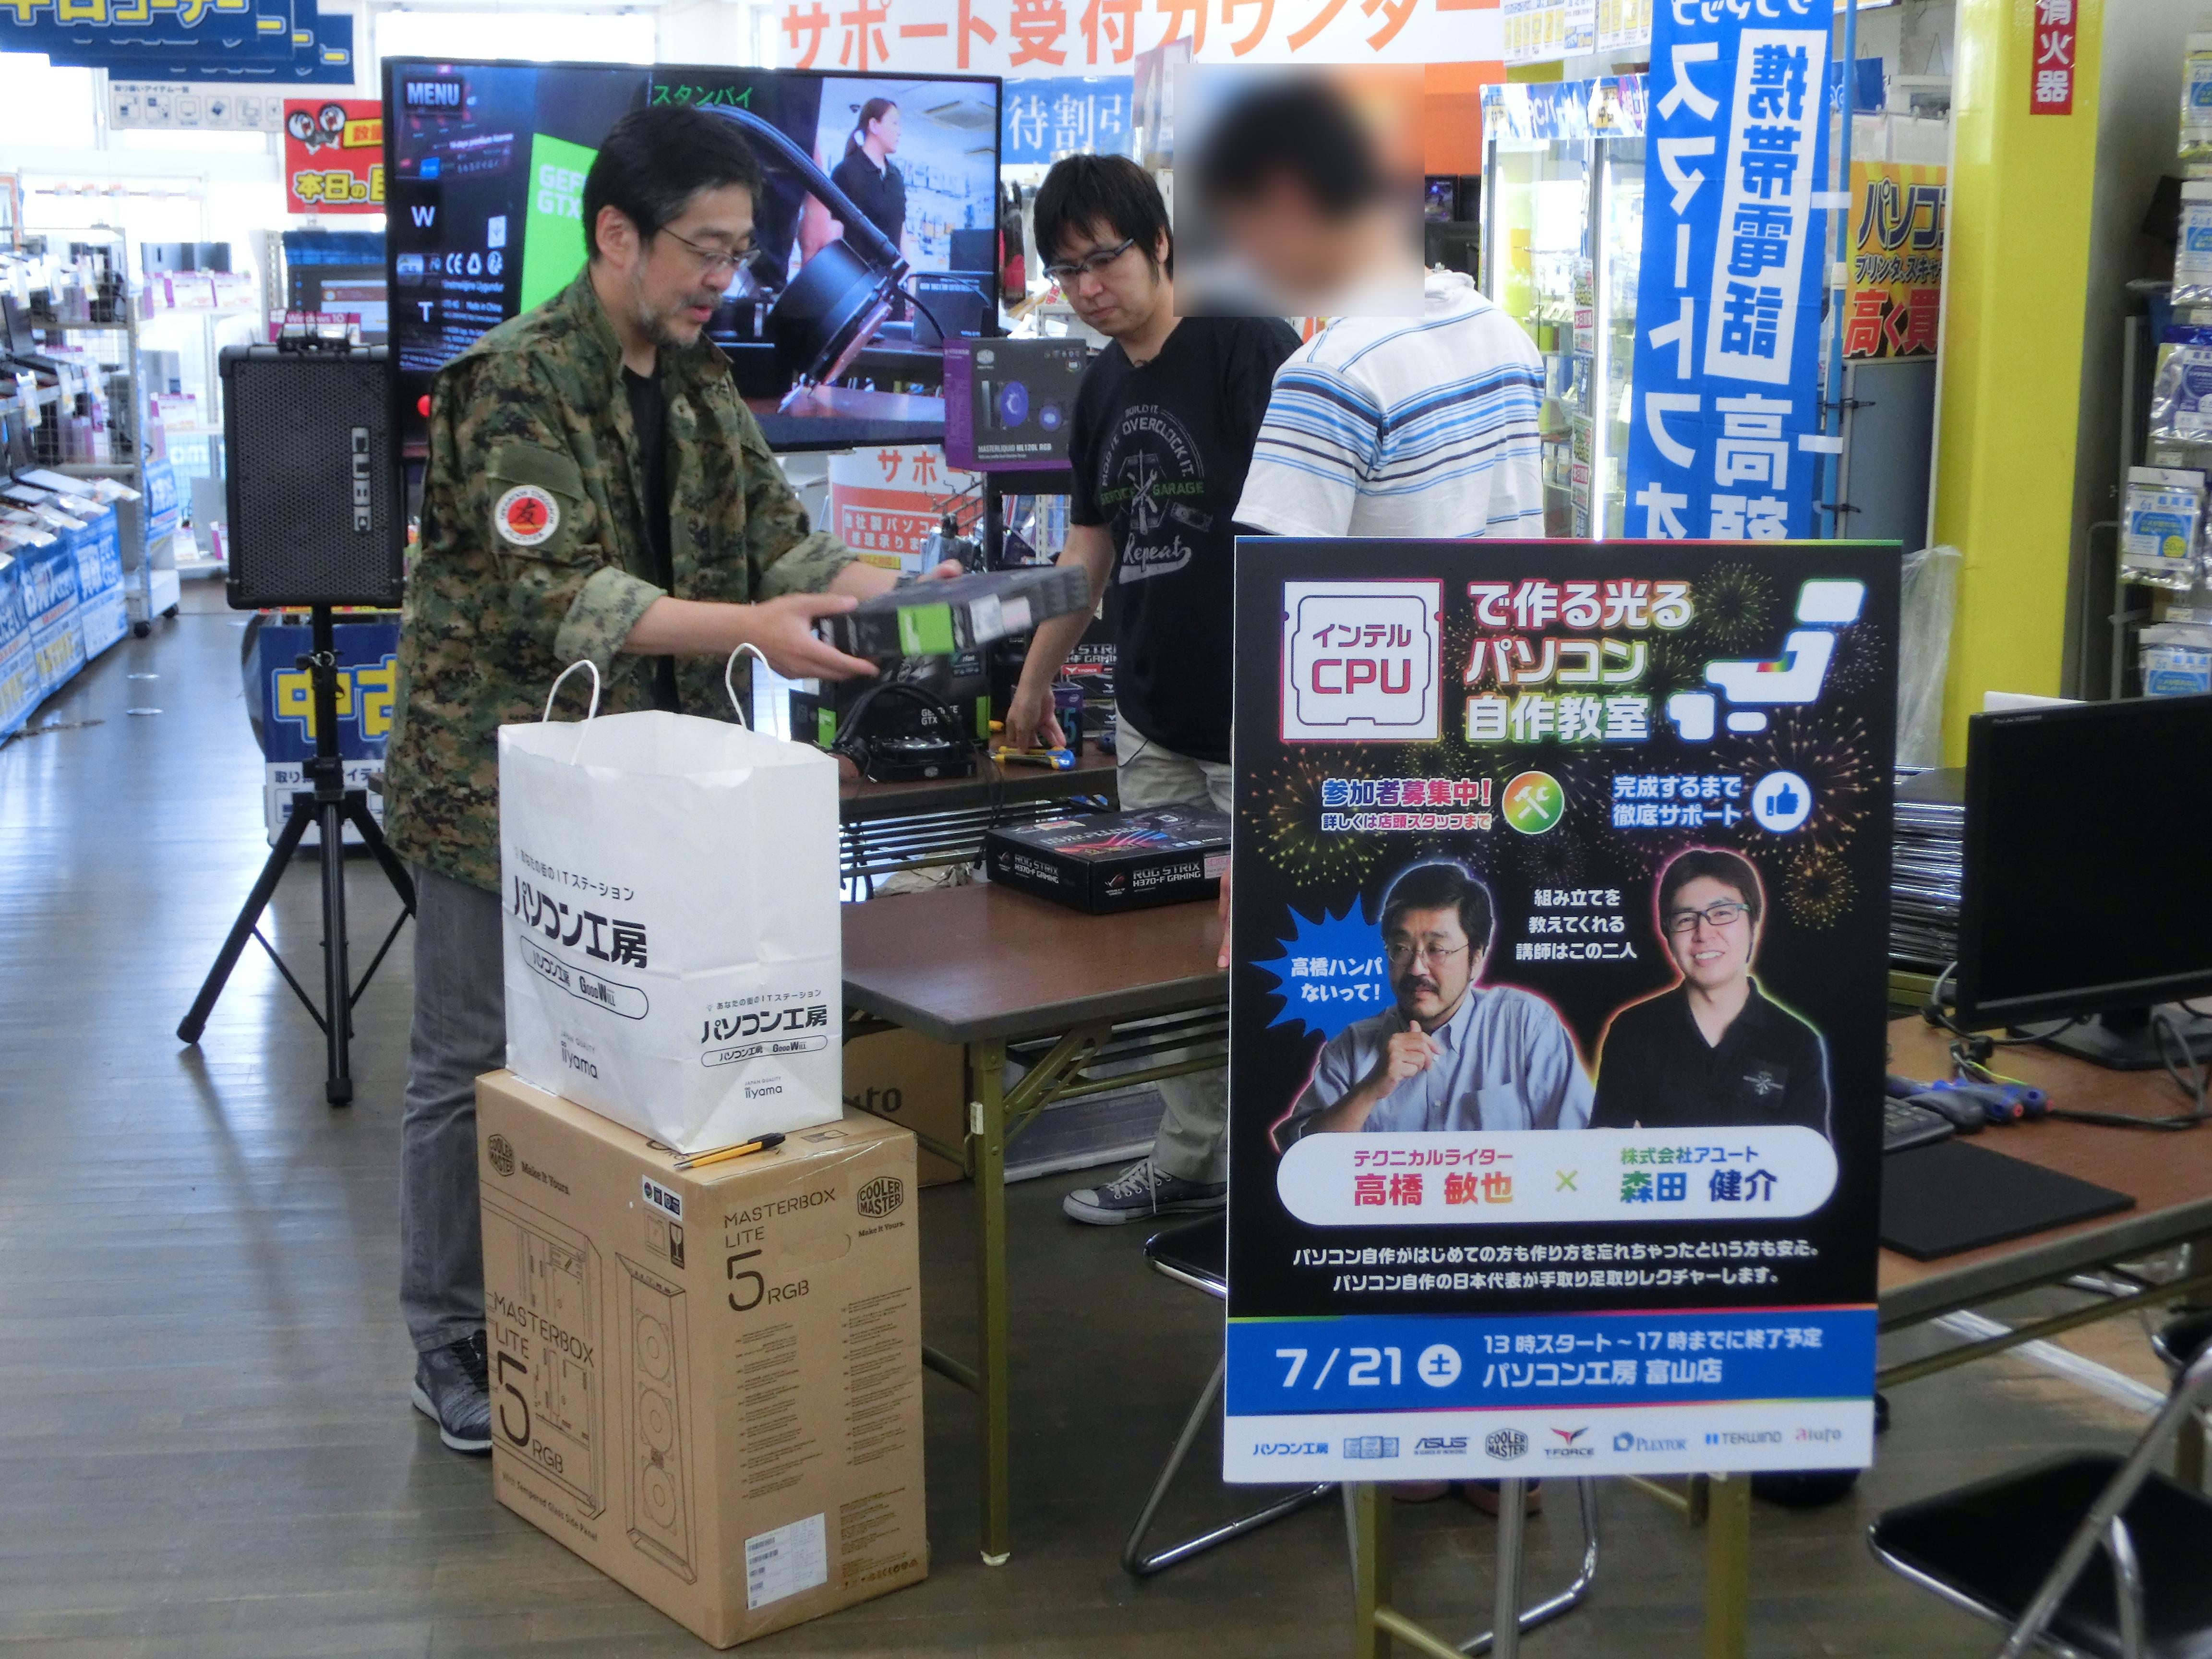 テーブル内の左側が森田健介さん、右側が門馬ファビオさん